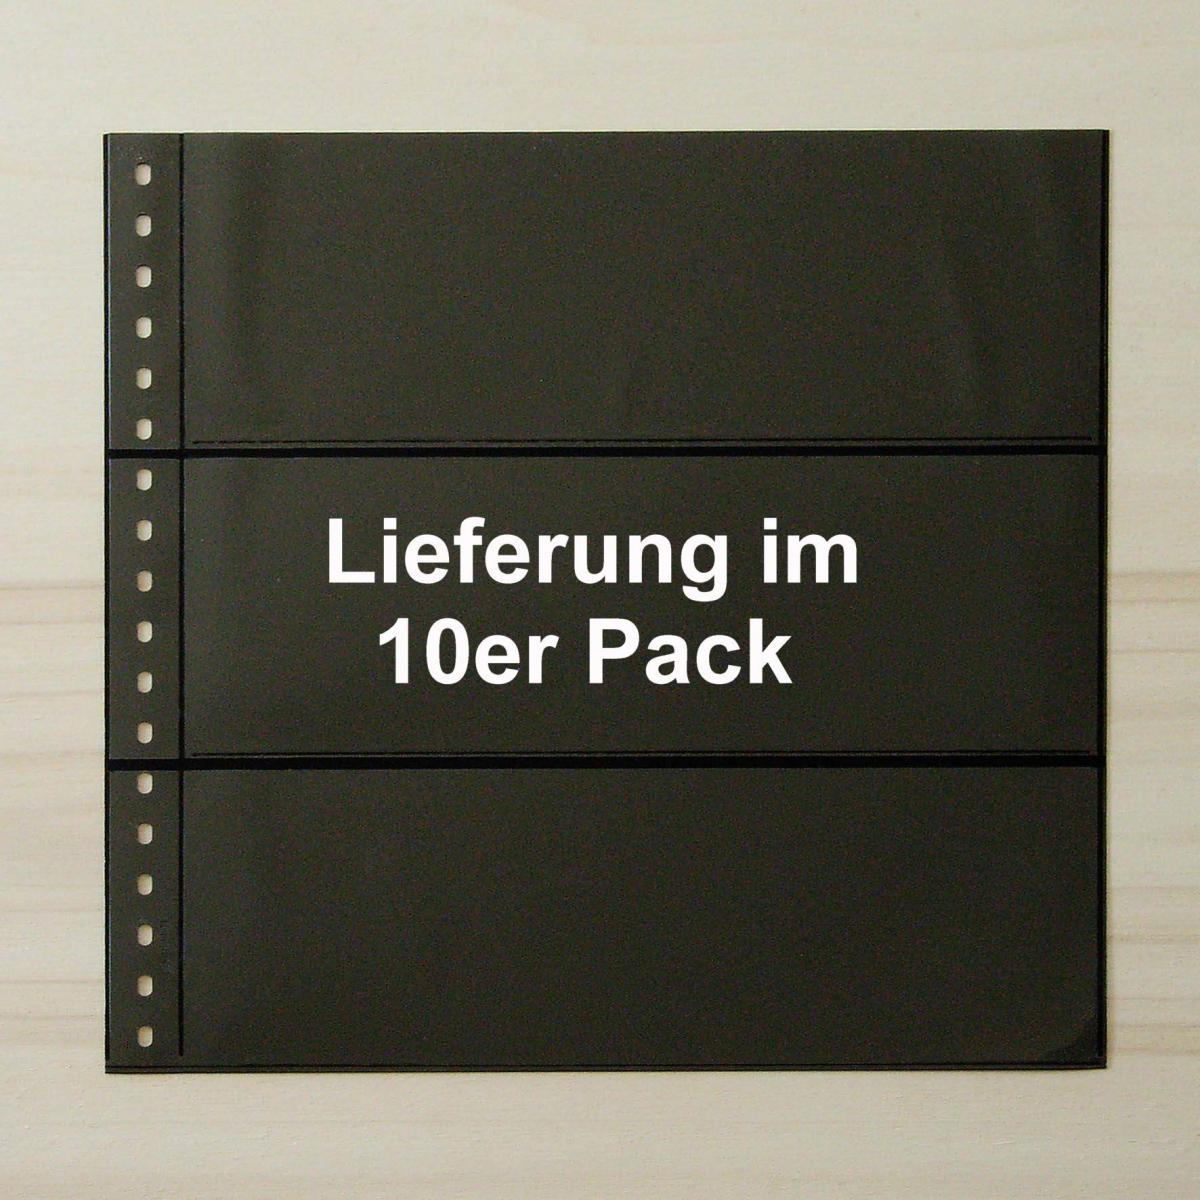 LINDNER Omnia Einsteckblatt 03 schwarz 3 Streifen - 10er-Packung